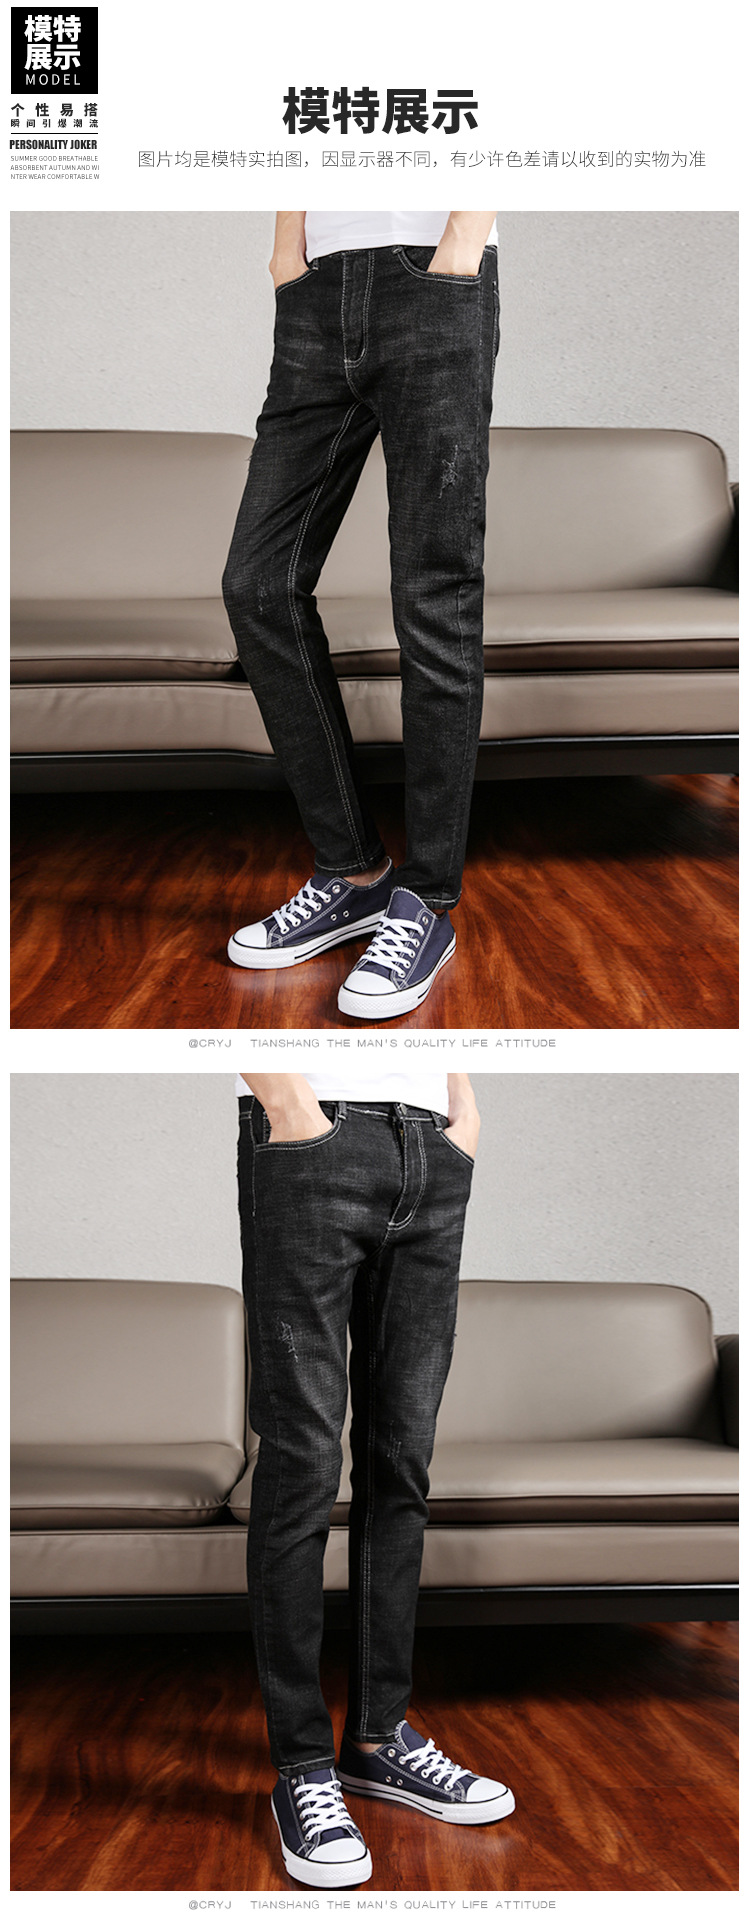 新款男士牛仔裤 百搭男式韩版潮流修身牛仔裤  青年裤一件代发示例图6